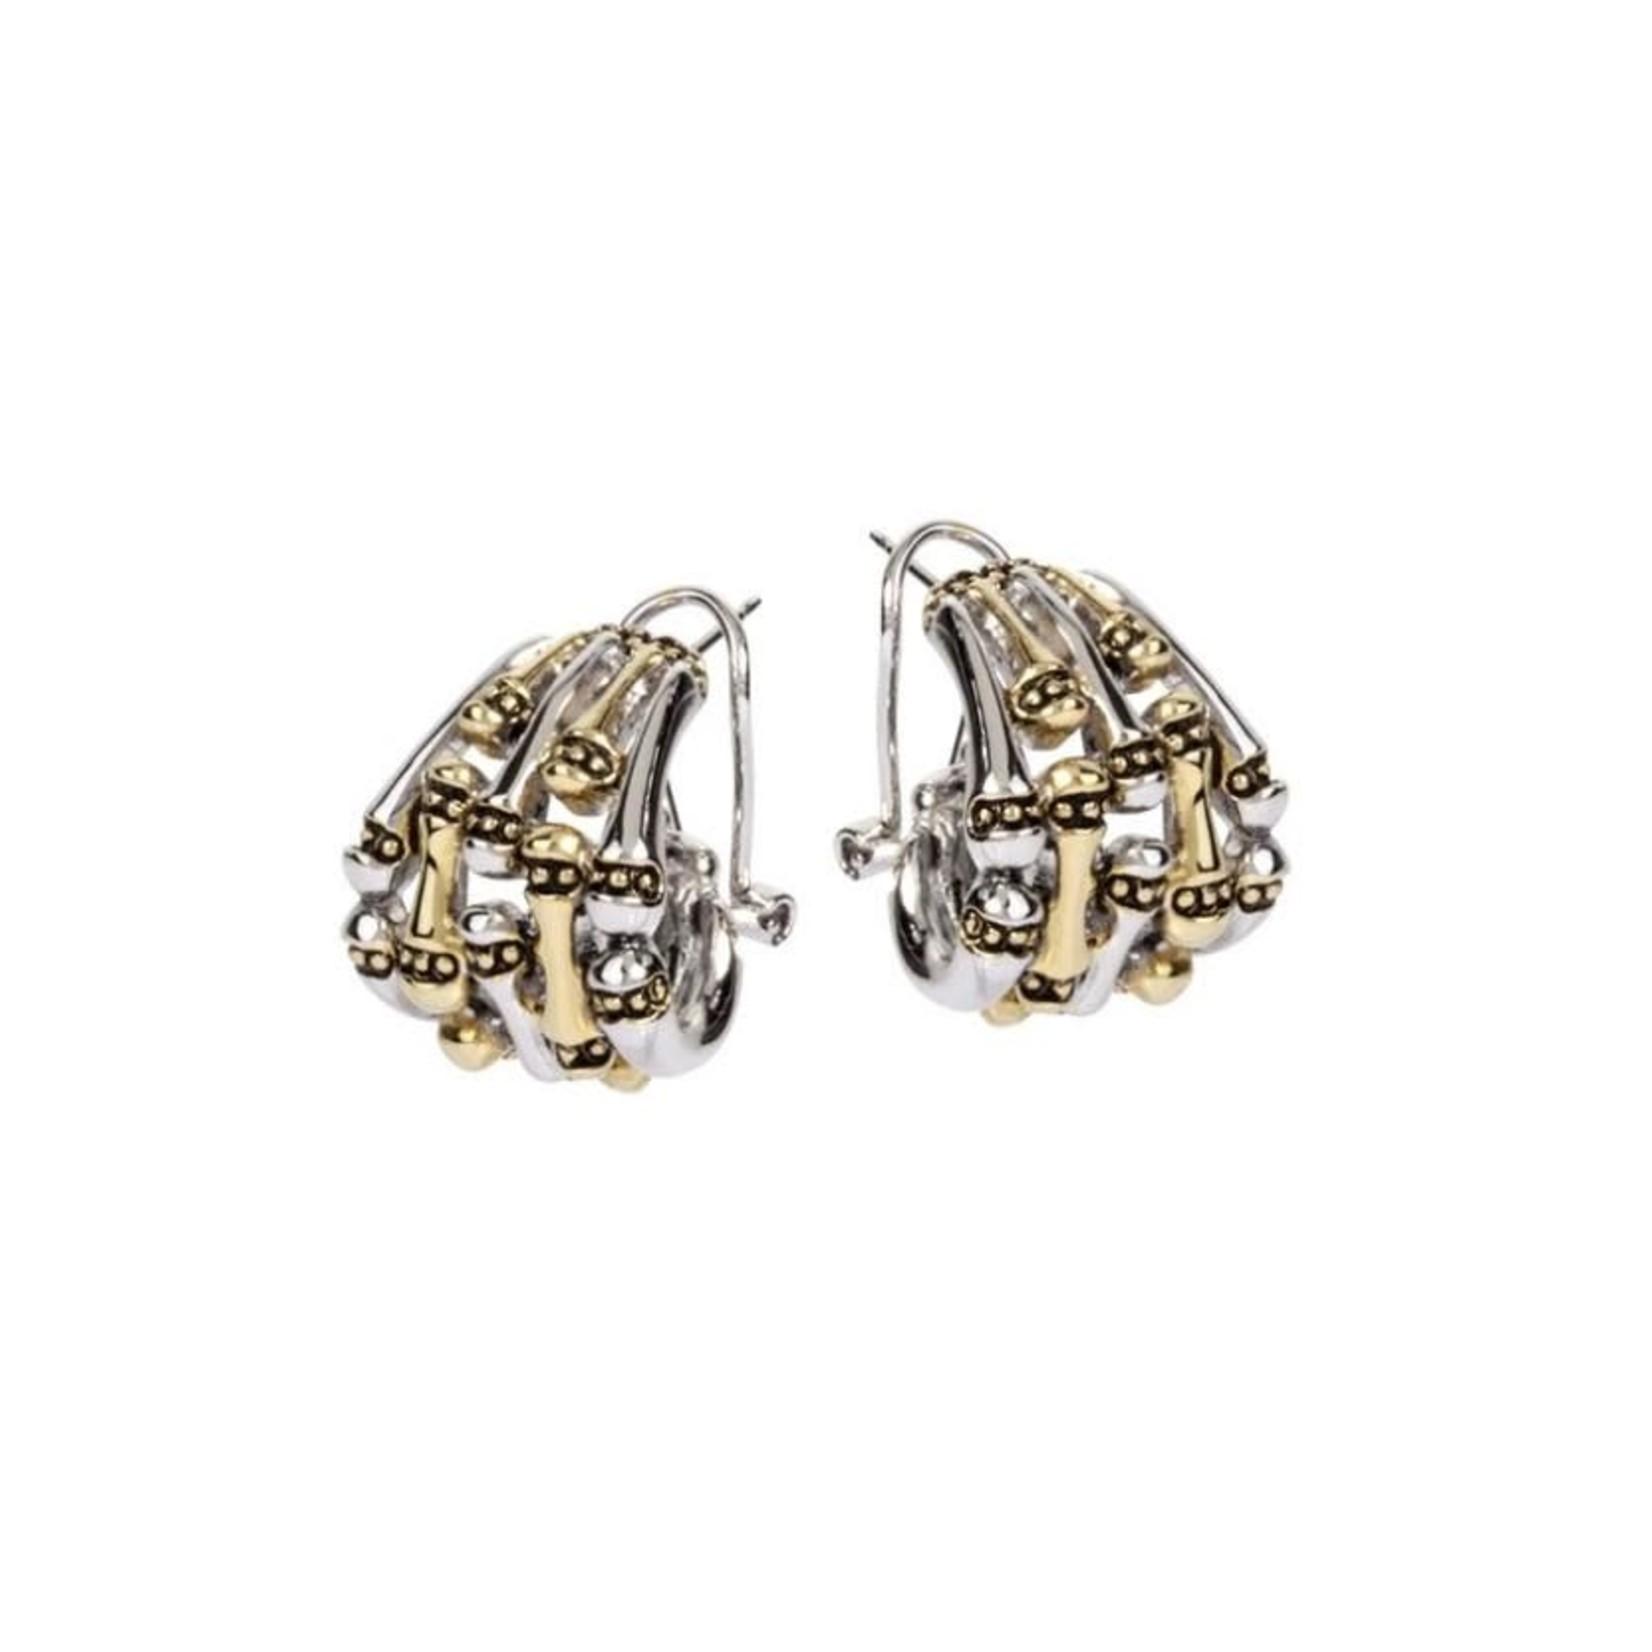 John Medeiros John Medeiros Two-Tone Earrings